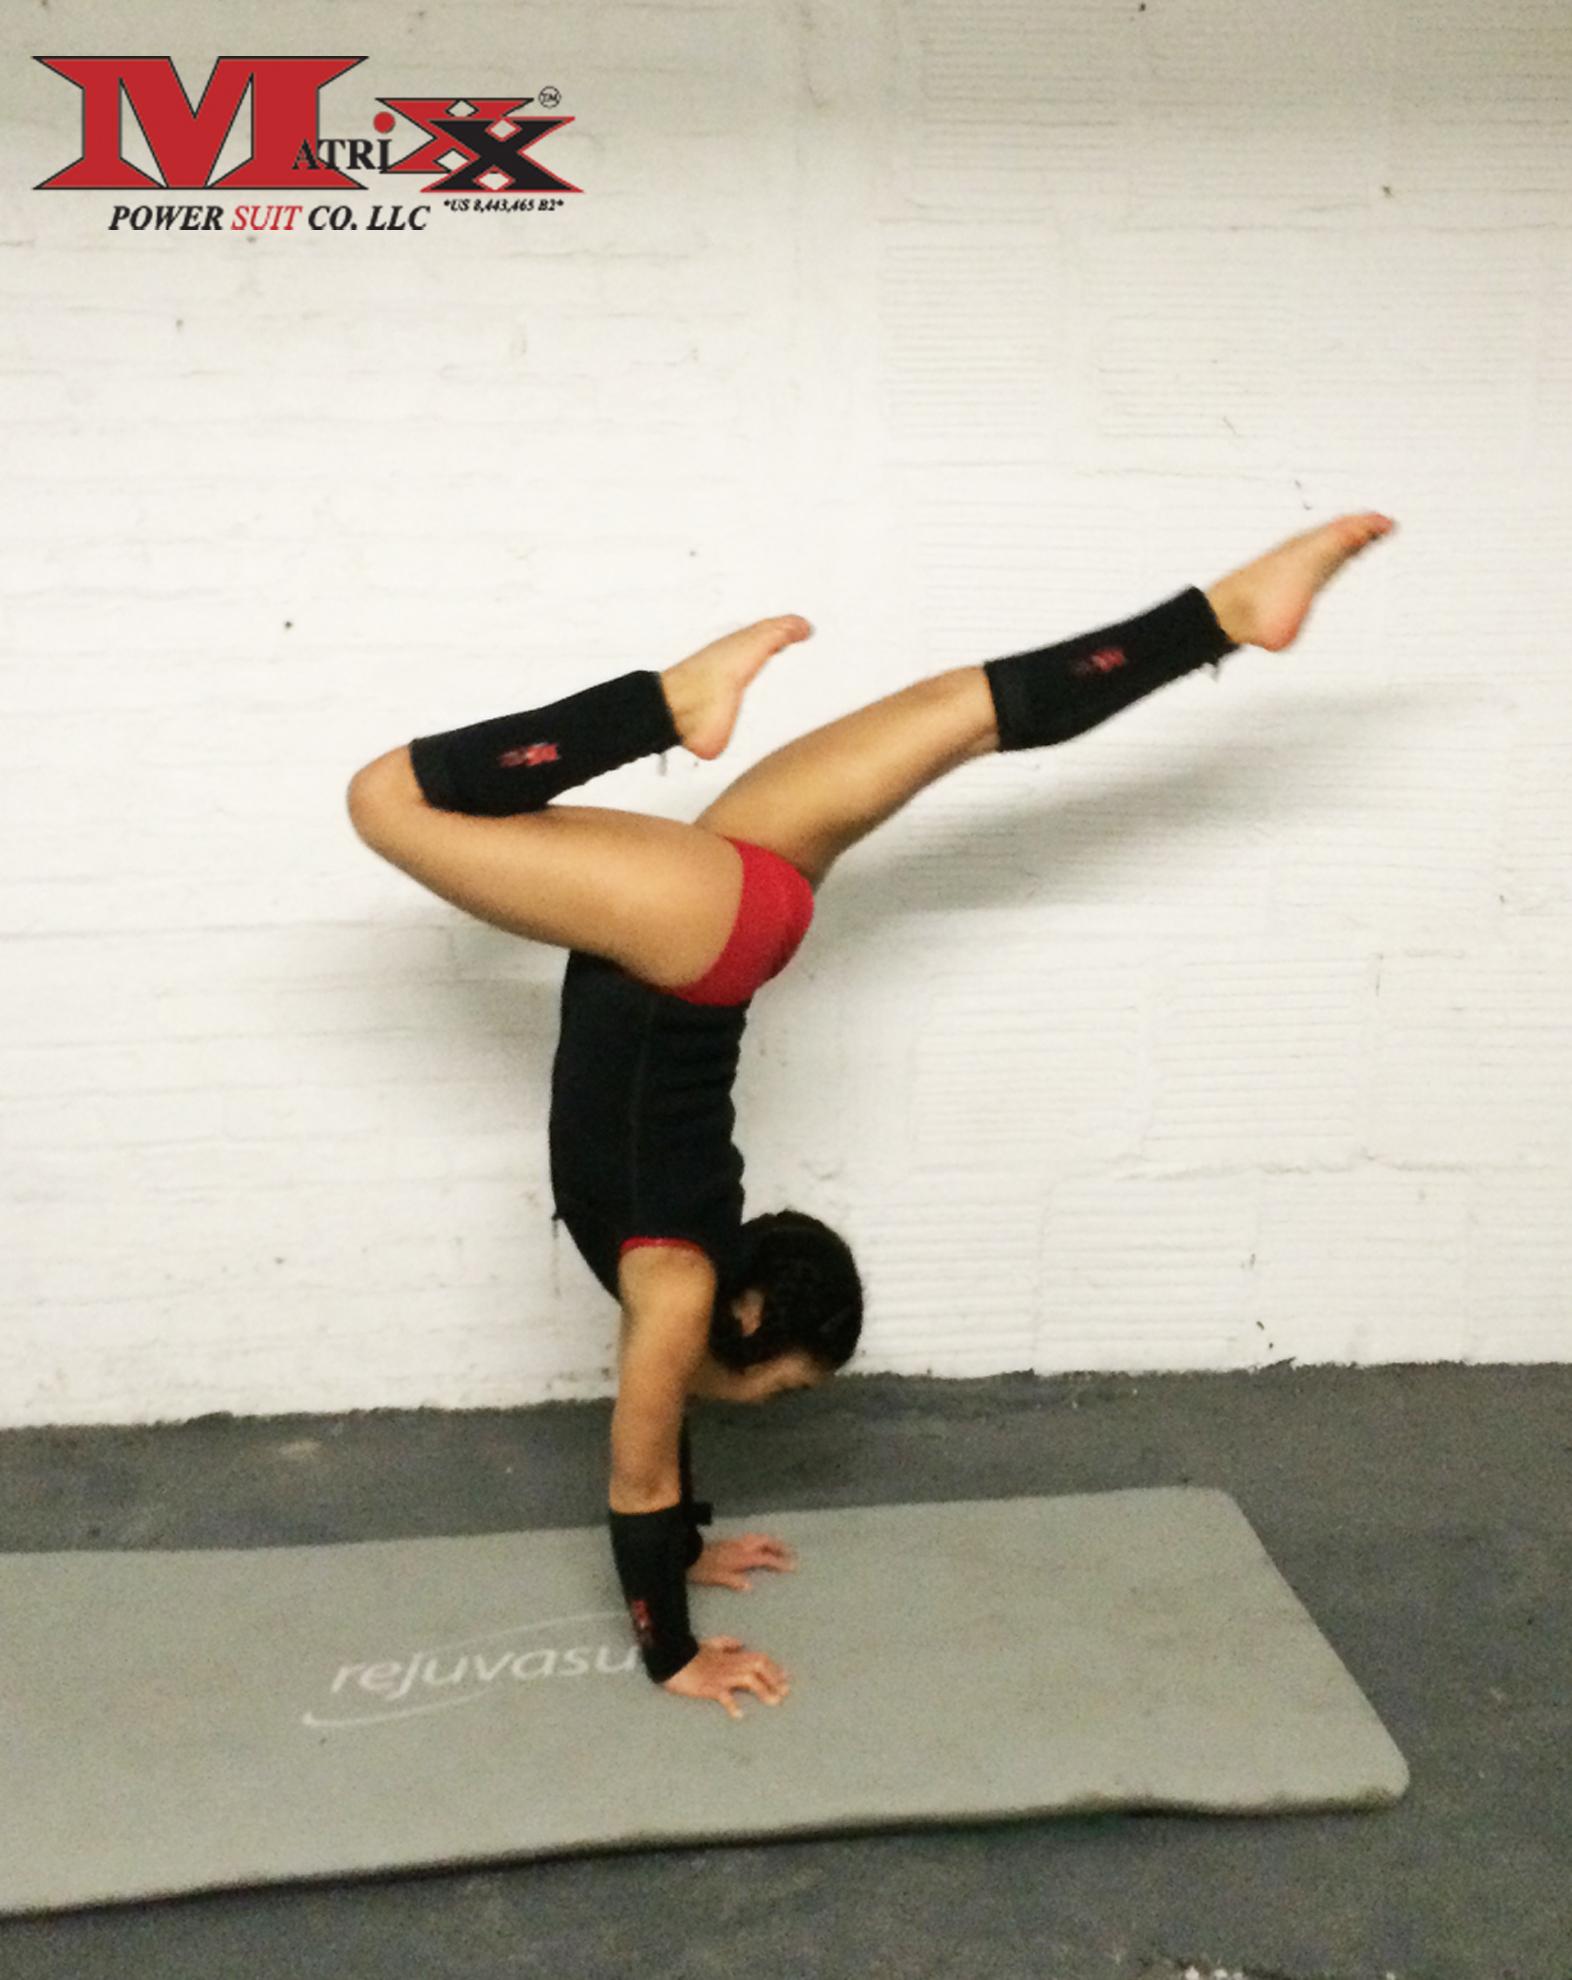 Ktusha-handstand-pose-2.jpg